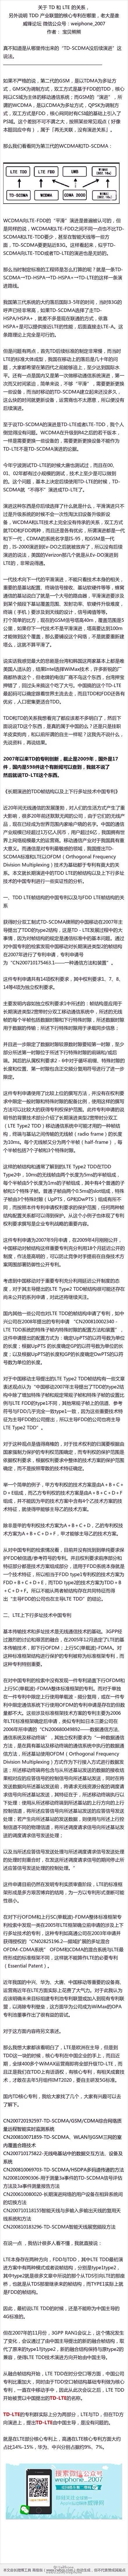 关于TD和LTE的关系,另外说明TDD产业联盟的核心专利在哪里,老大是谁-完美源码